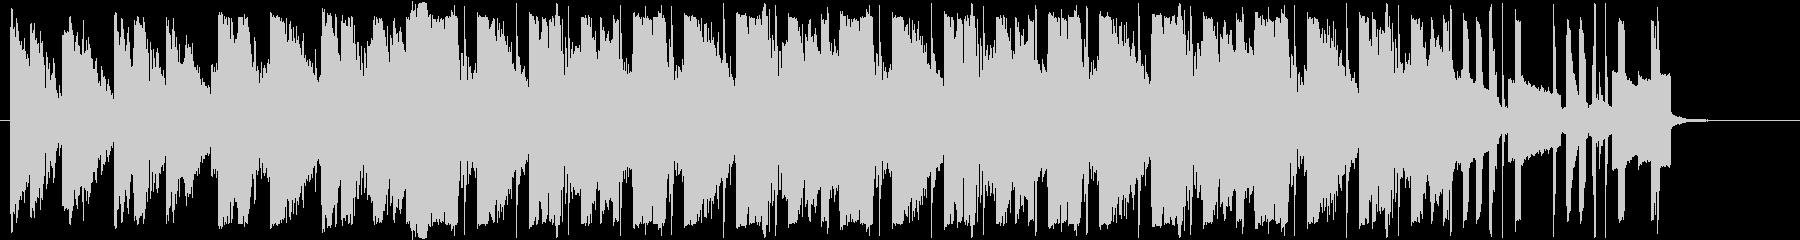 ピアノ/ギター/疾走感/企業VPの未再生の波形